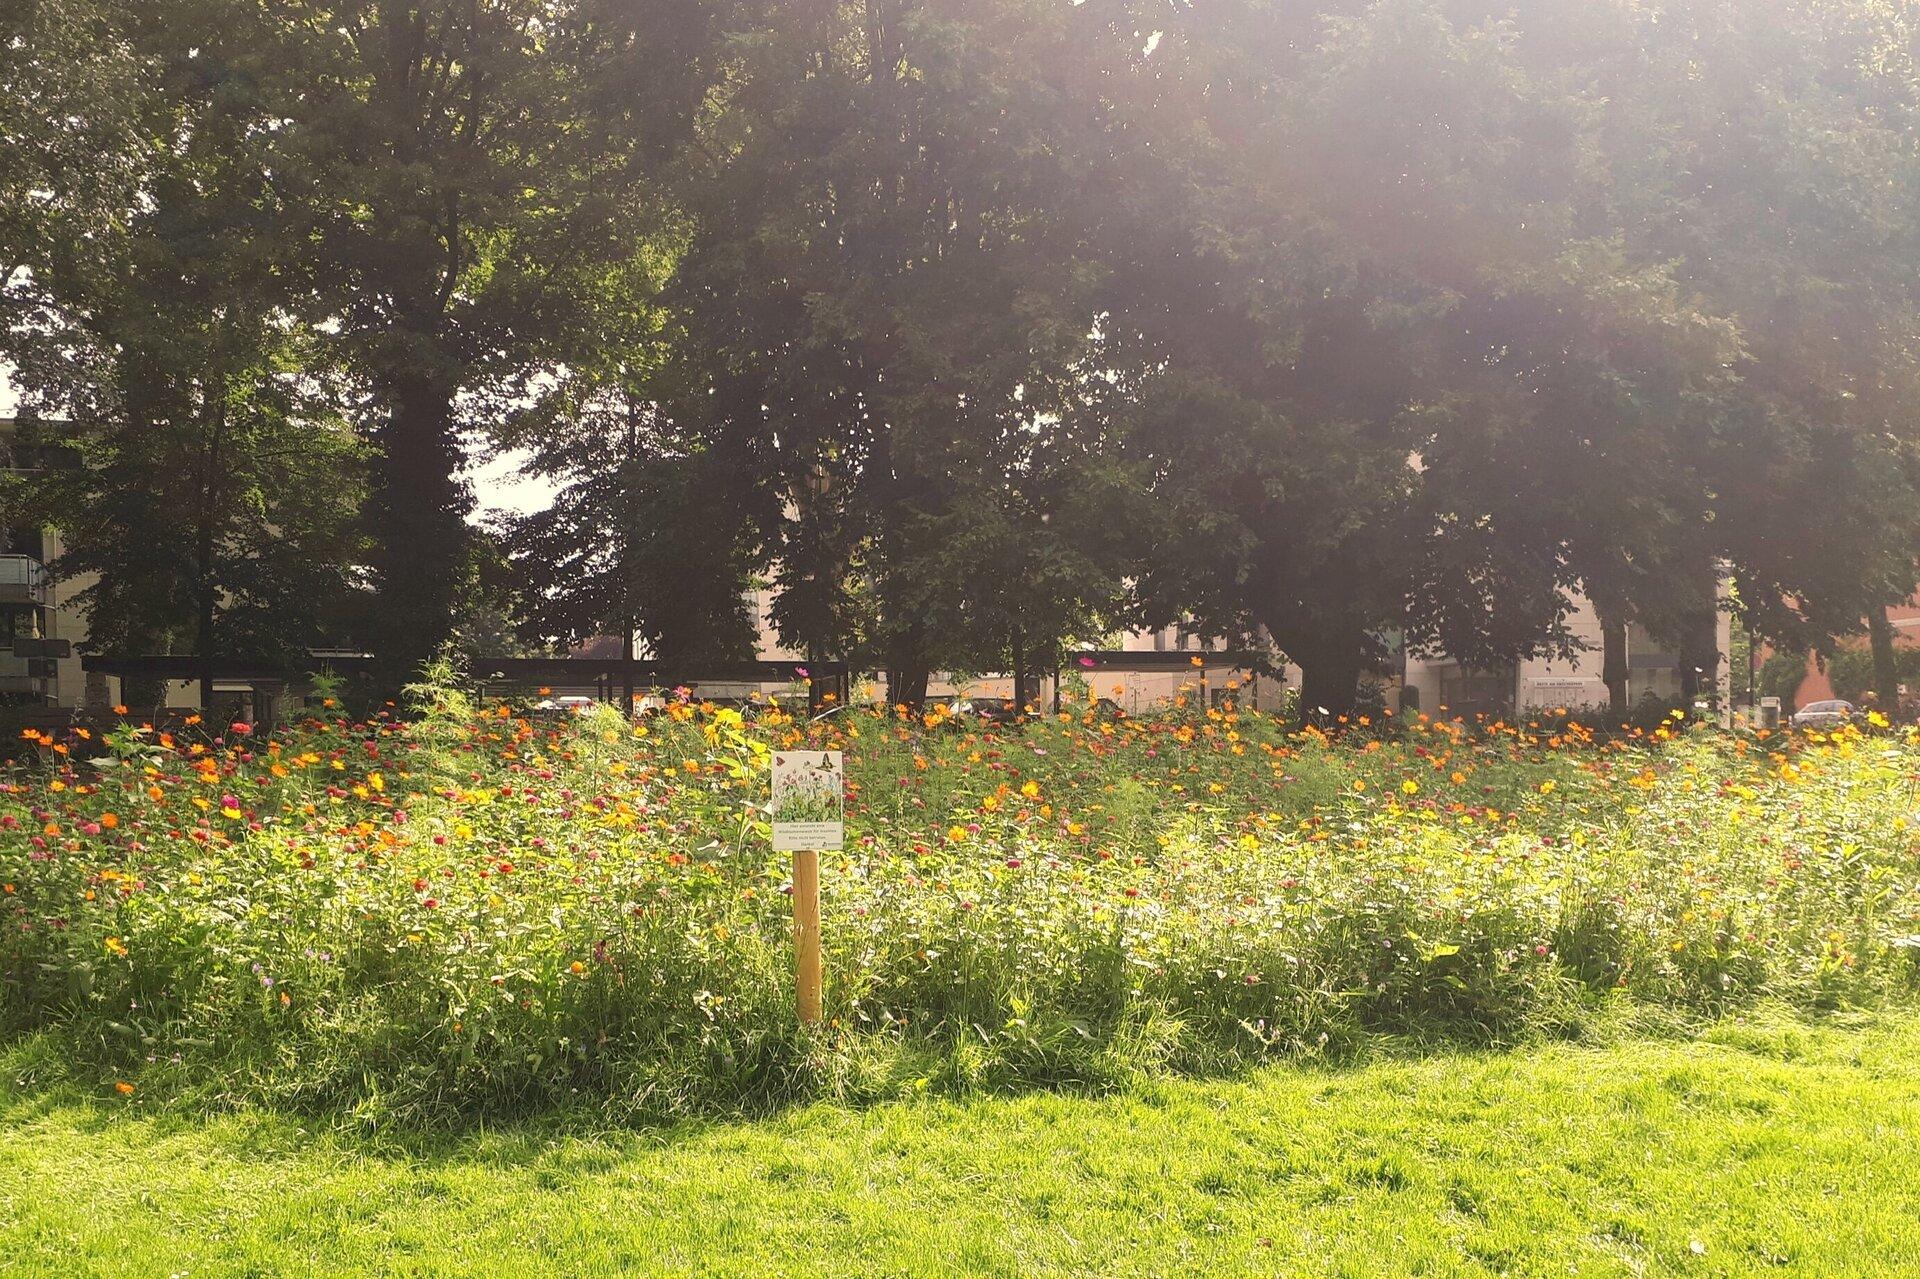 Wildblumen Emscherpark